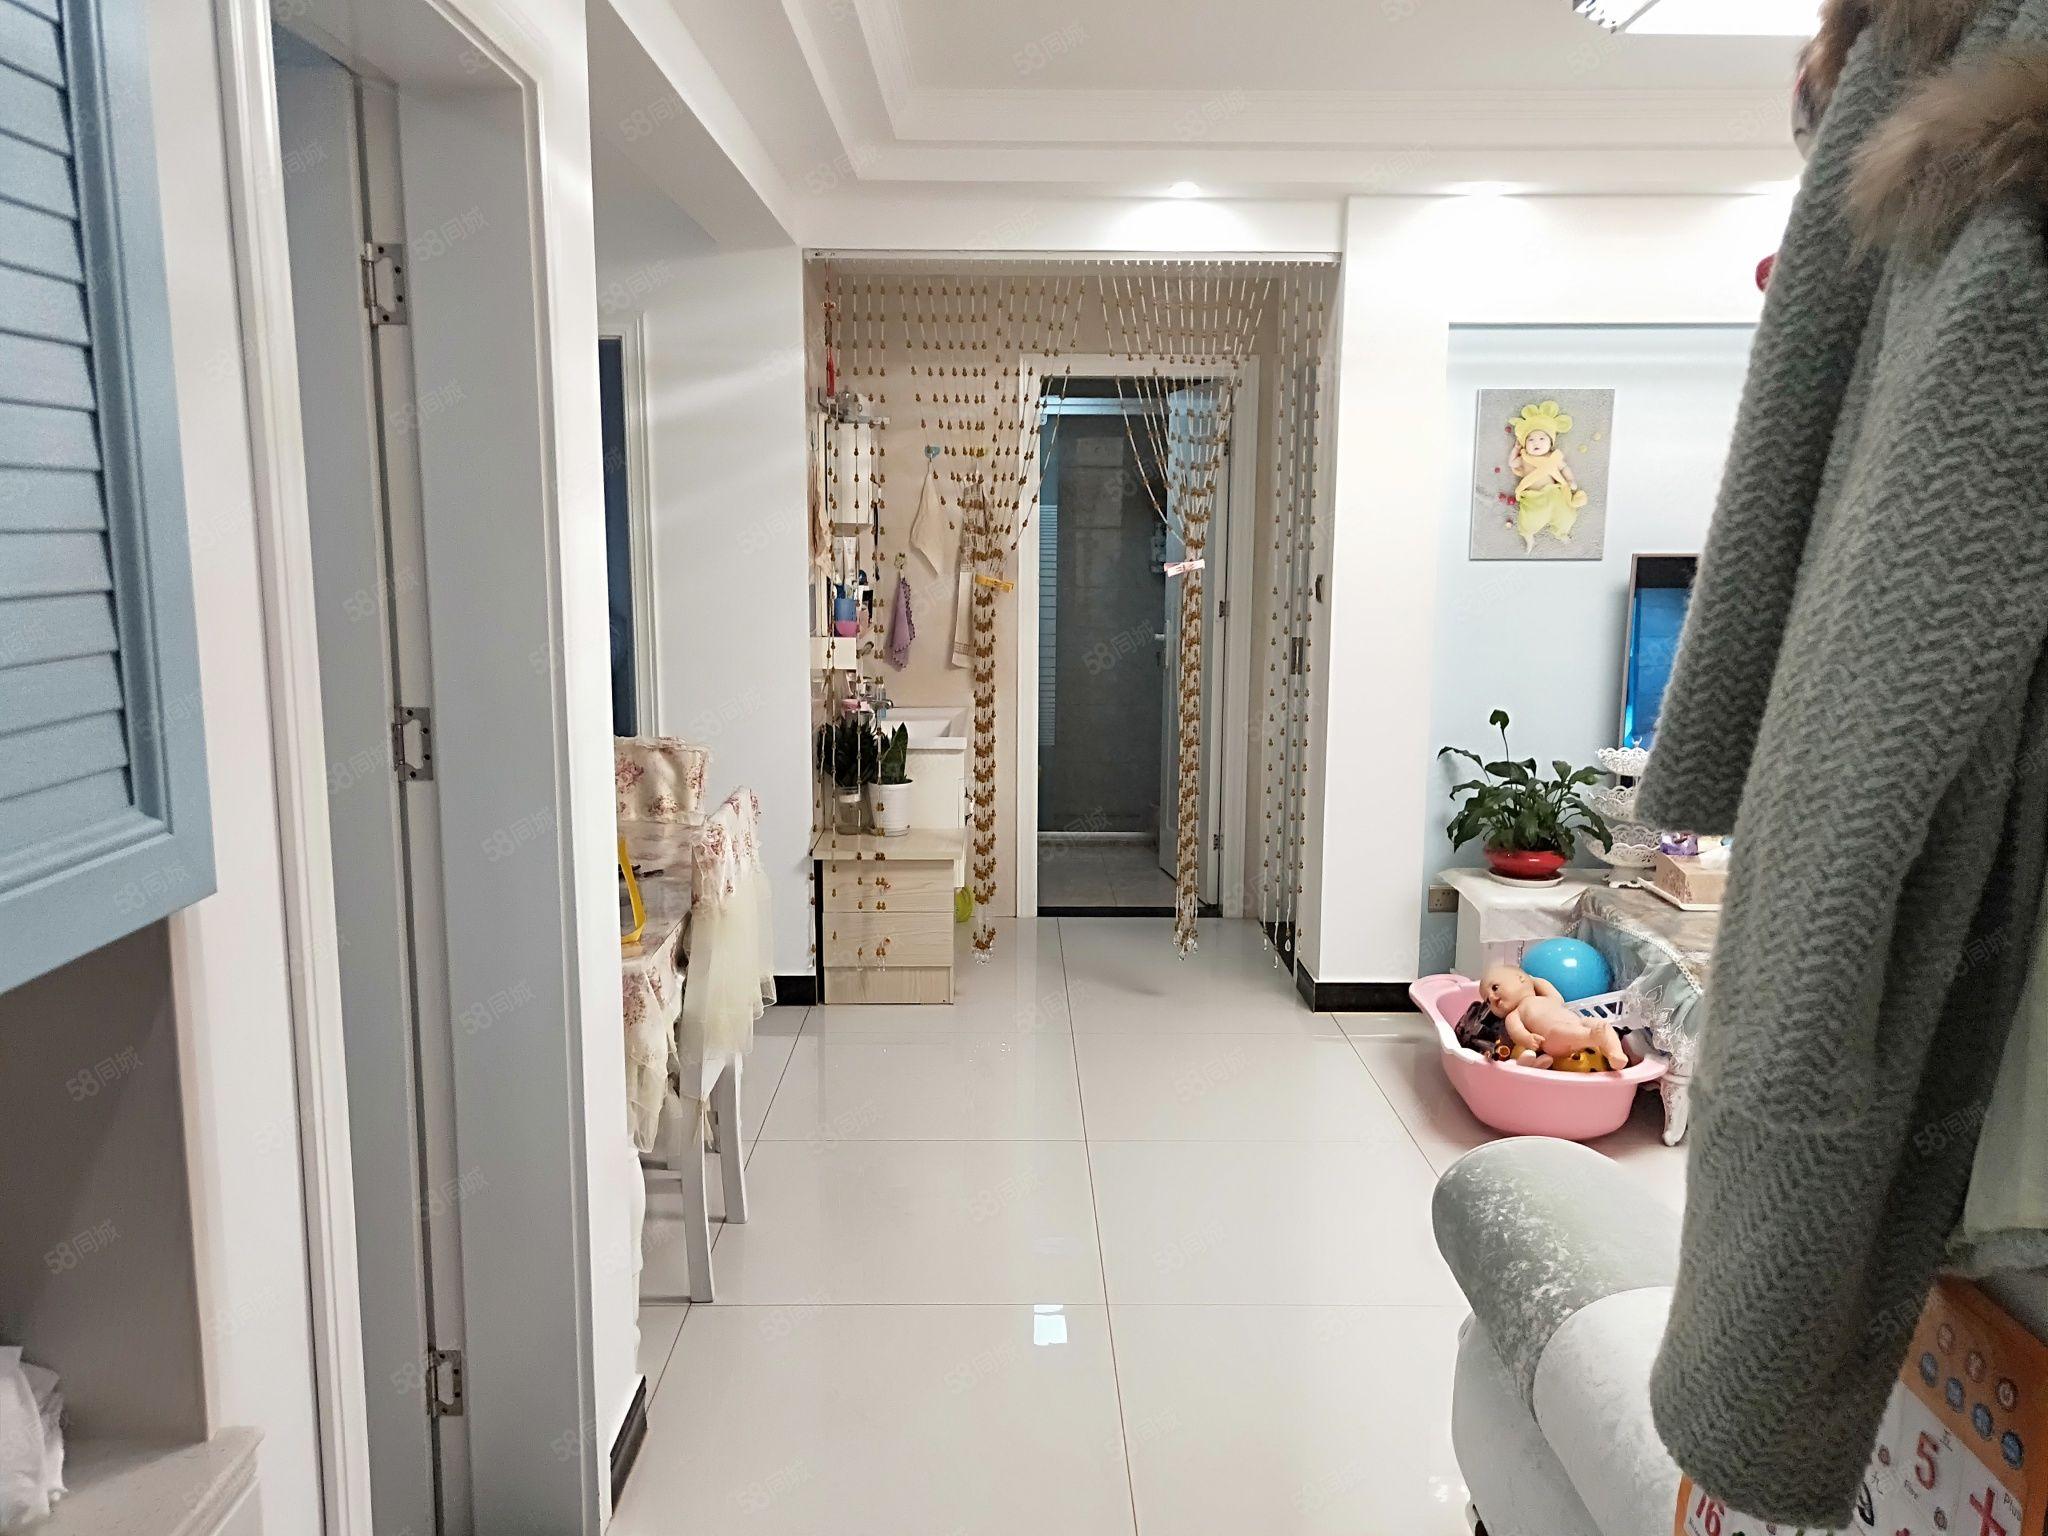 龙湖一号三房满两年金陵中小学小区环境优美安静舒适